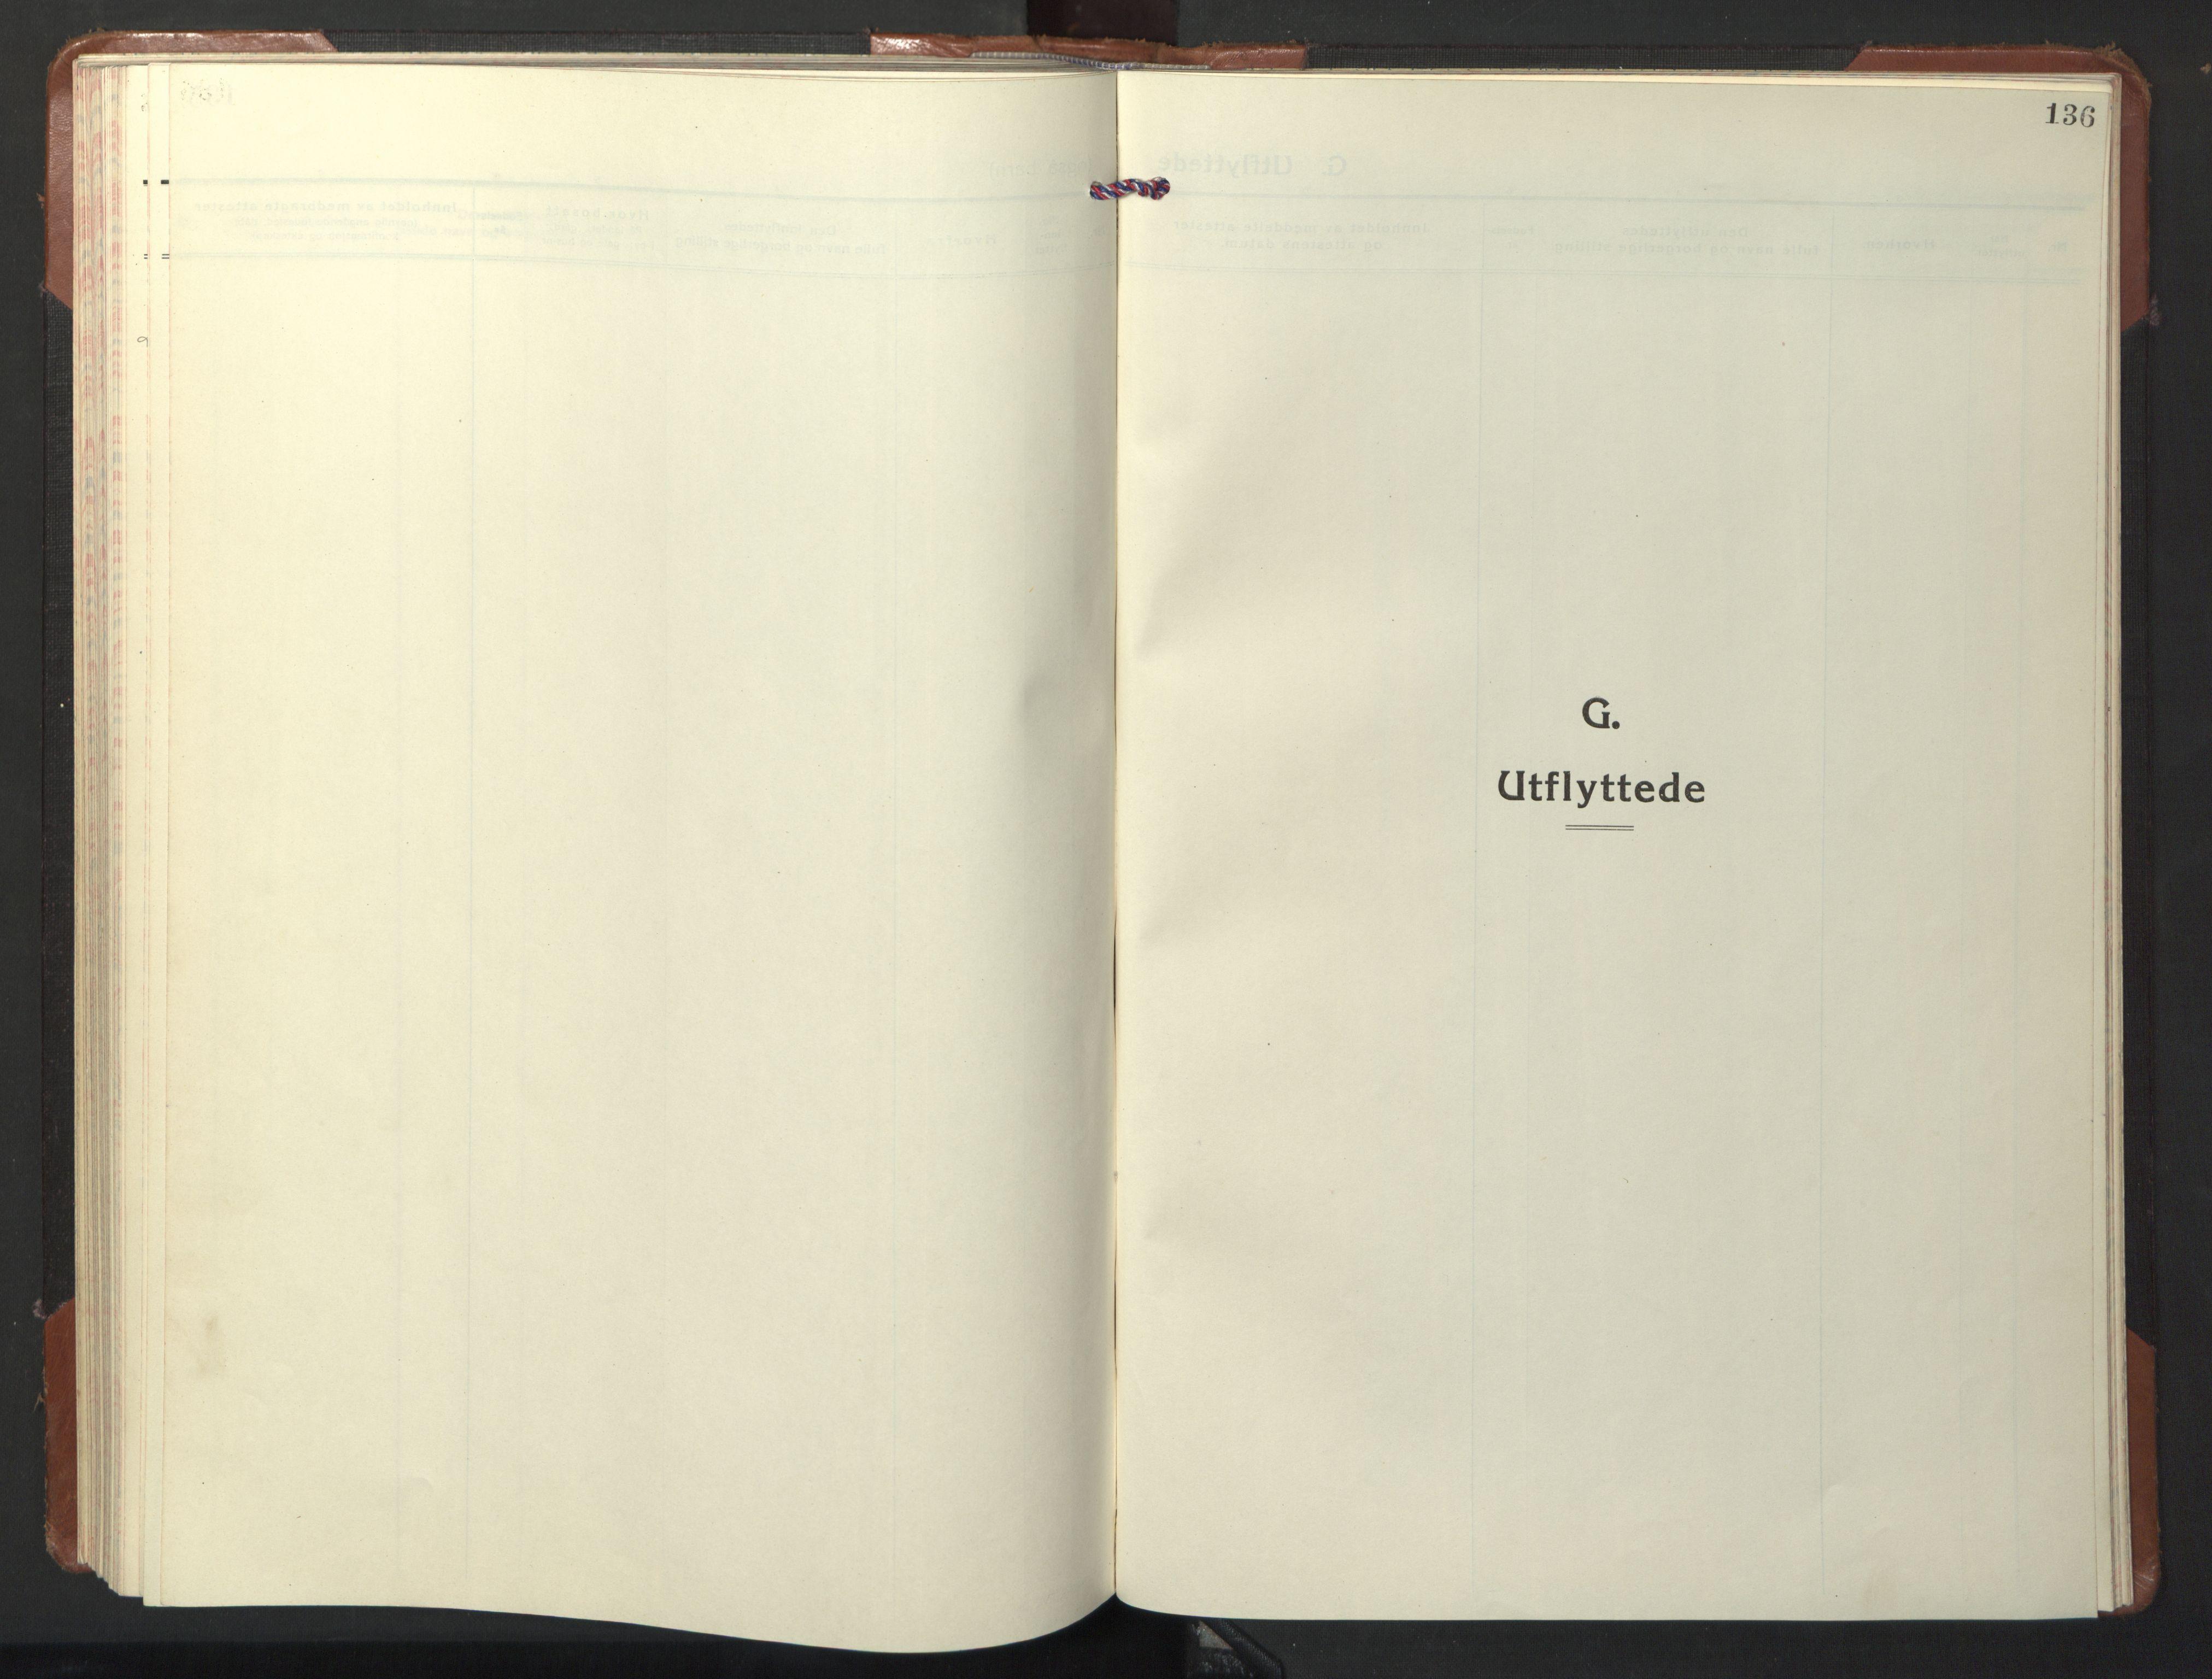 SAT, Ministerialprotokoller, klokkerbøker og fødselsregistre - Nord-Trøndelag, 722/L0227: Klokkerbok nr. 722C03, 1928-1958, s. 136